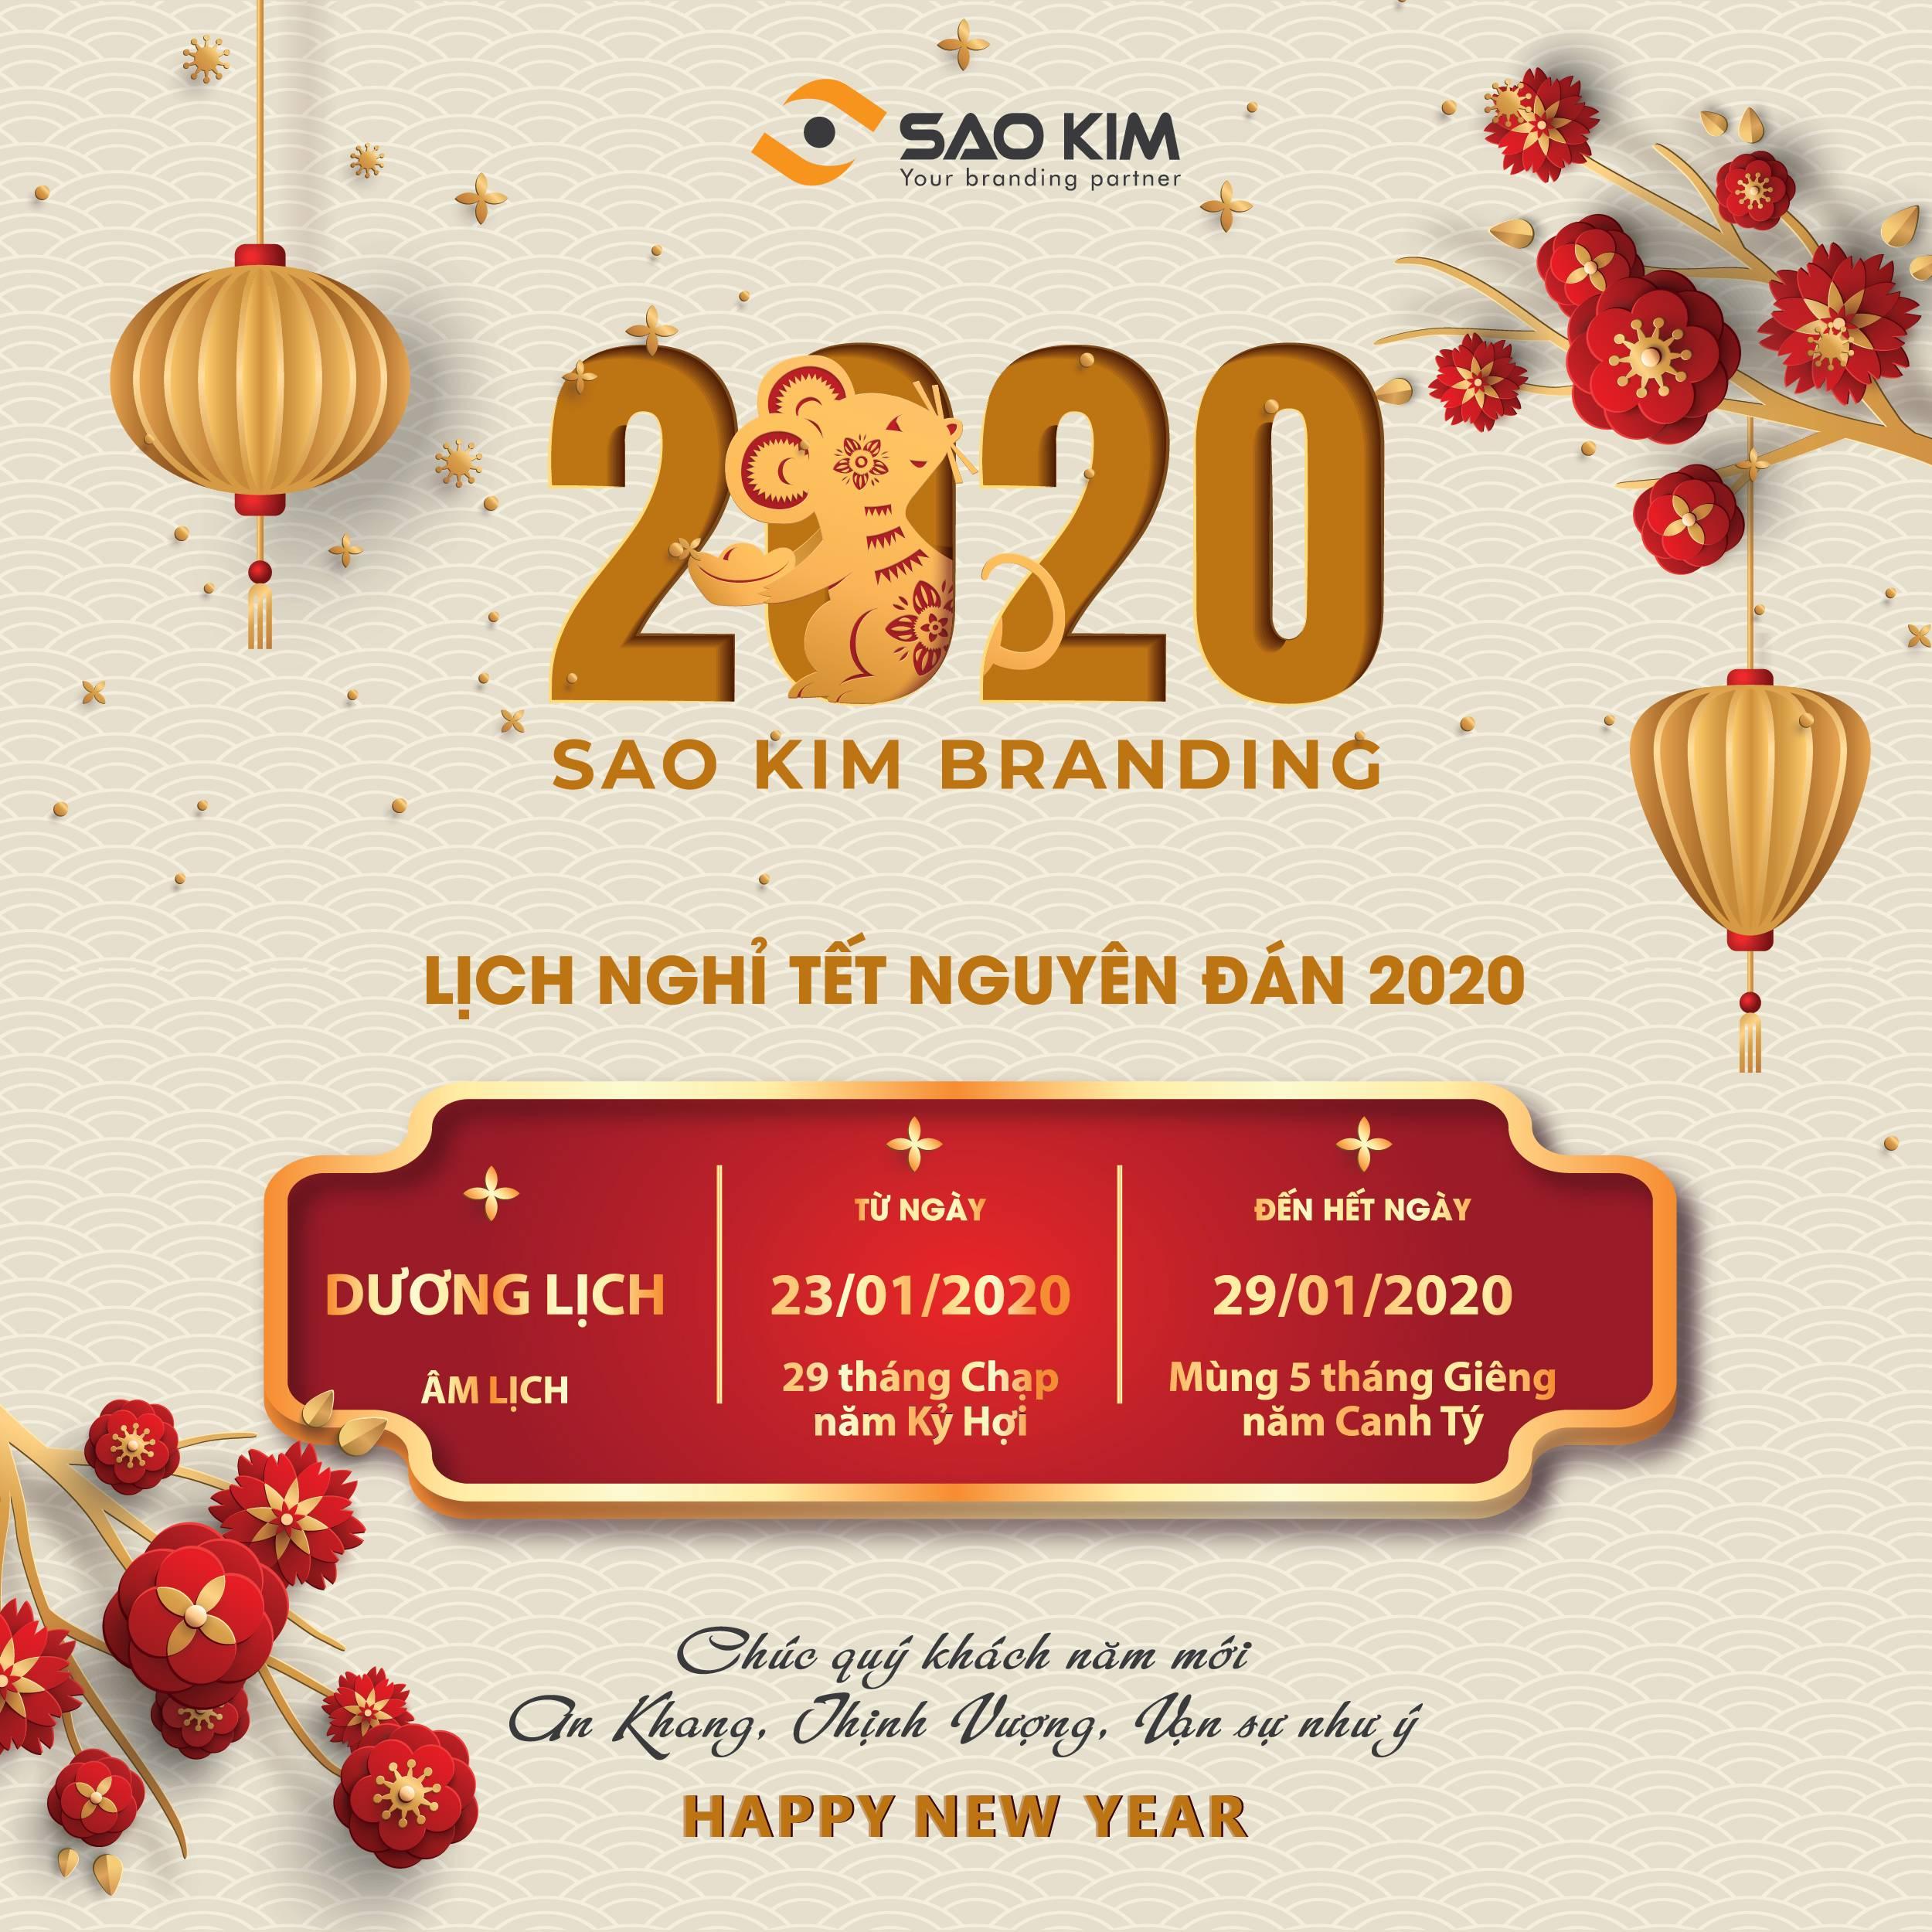 Sao Kim thông báo lịch nghỉ Tết Canh Tý năm 2020 - ảnh từ SaoKim Branding